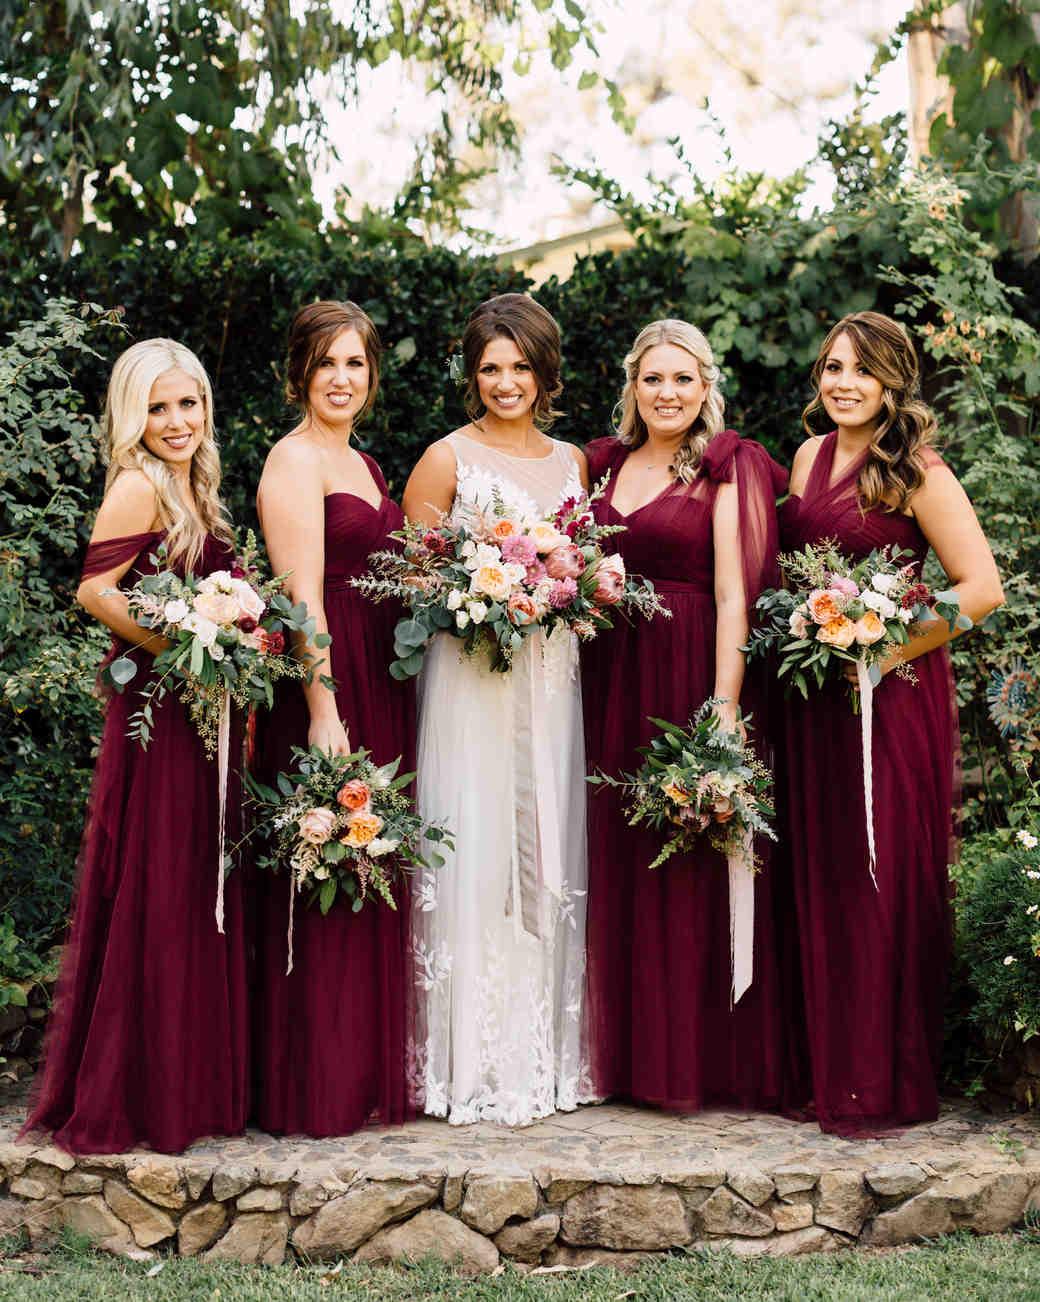 Fall Wedding Dress Ideas